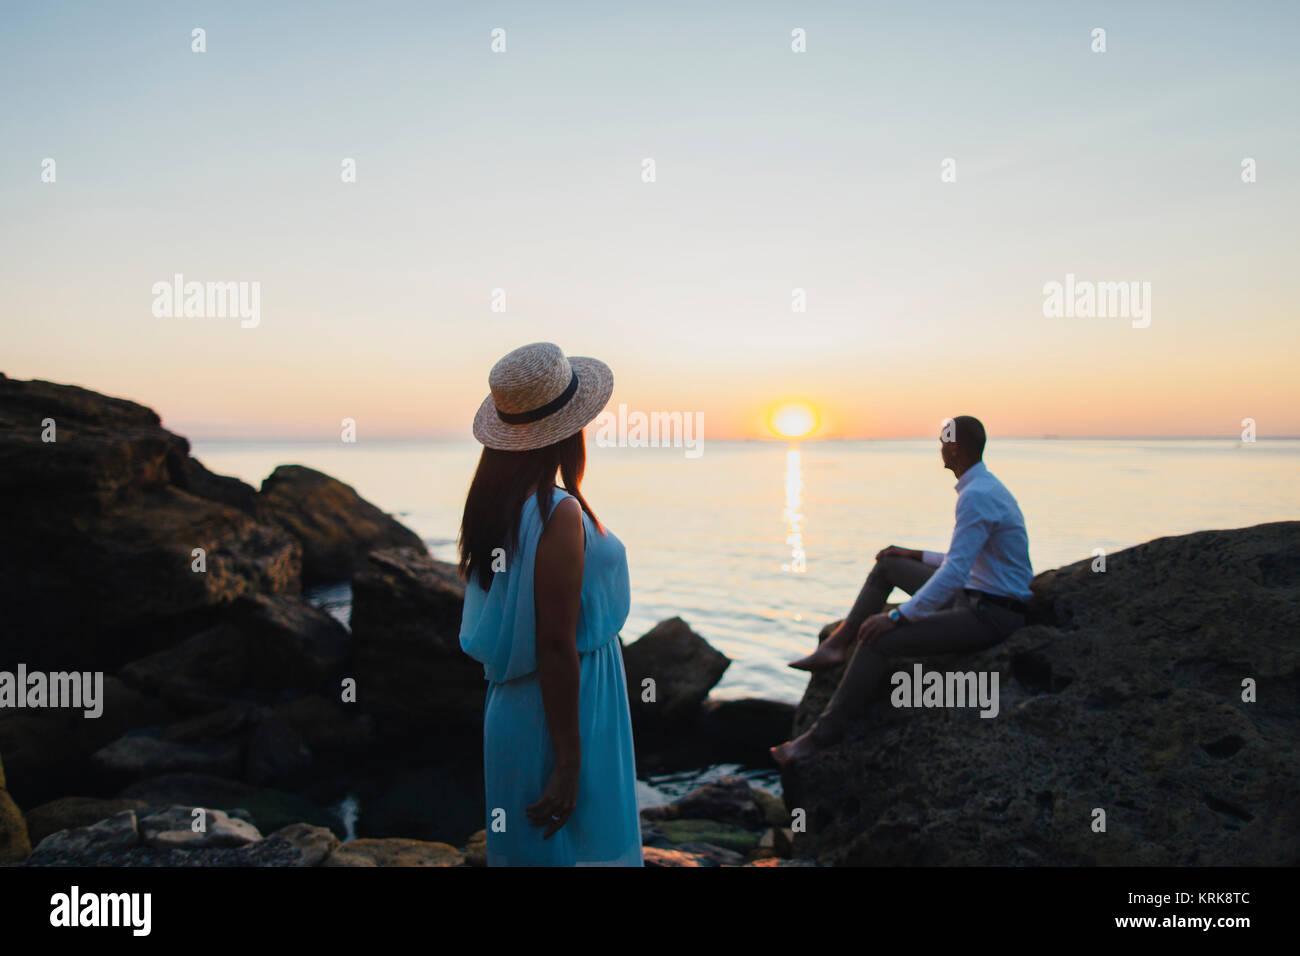 Caucasian couple admiring scenic view of ocean sunset - Stock Image